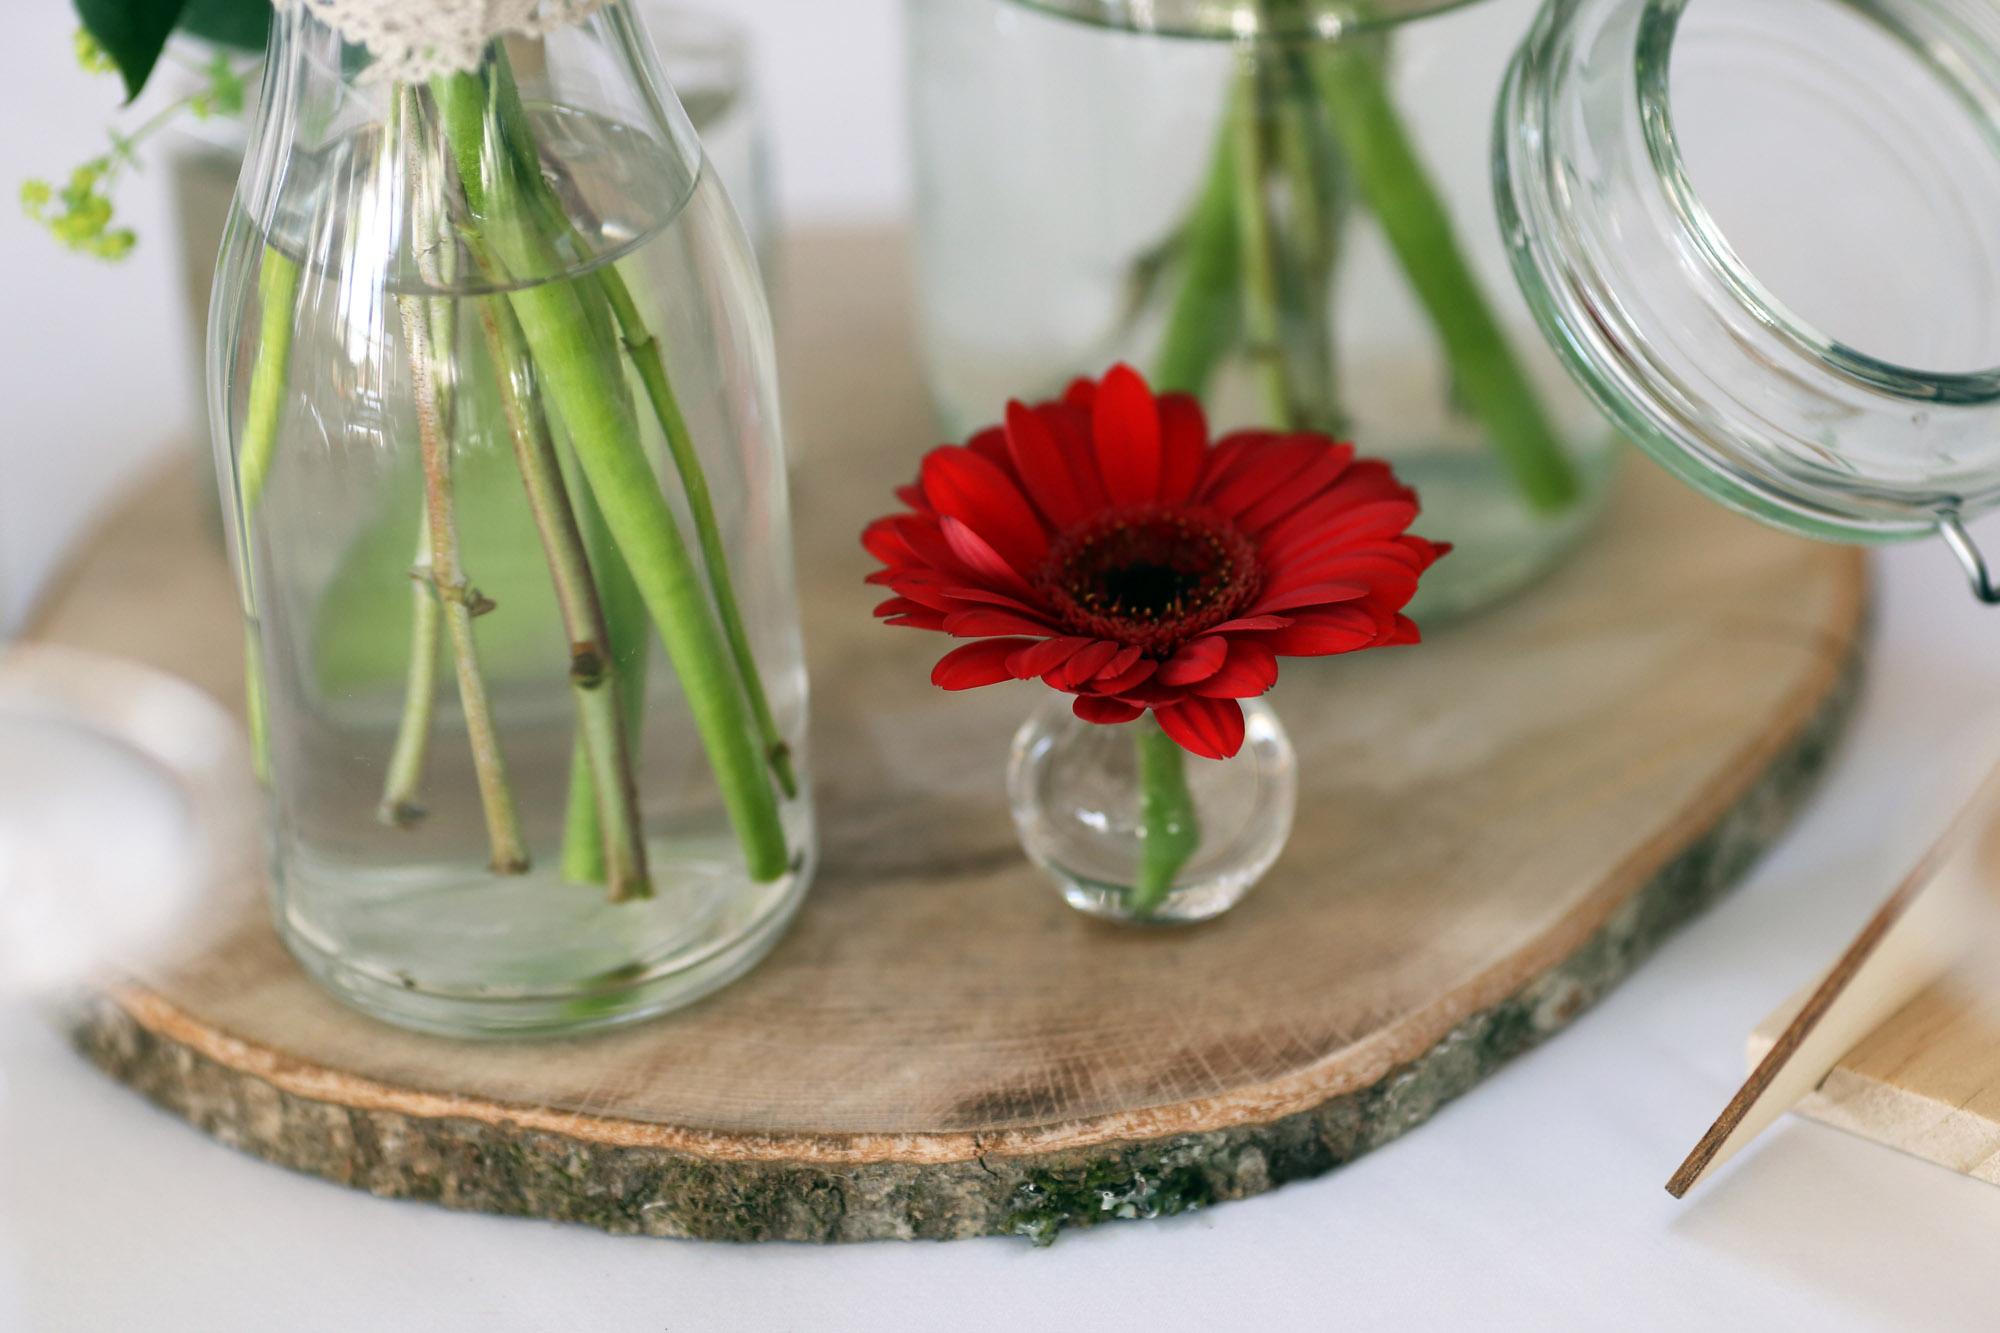 fleuriste-mariage-64-photographe-Sylvain-Mariotto-landes-pays-basque-07